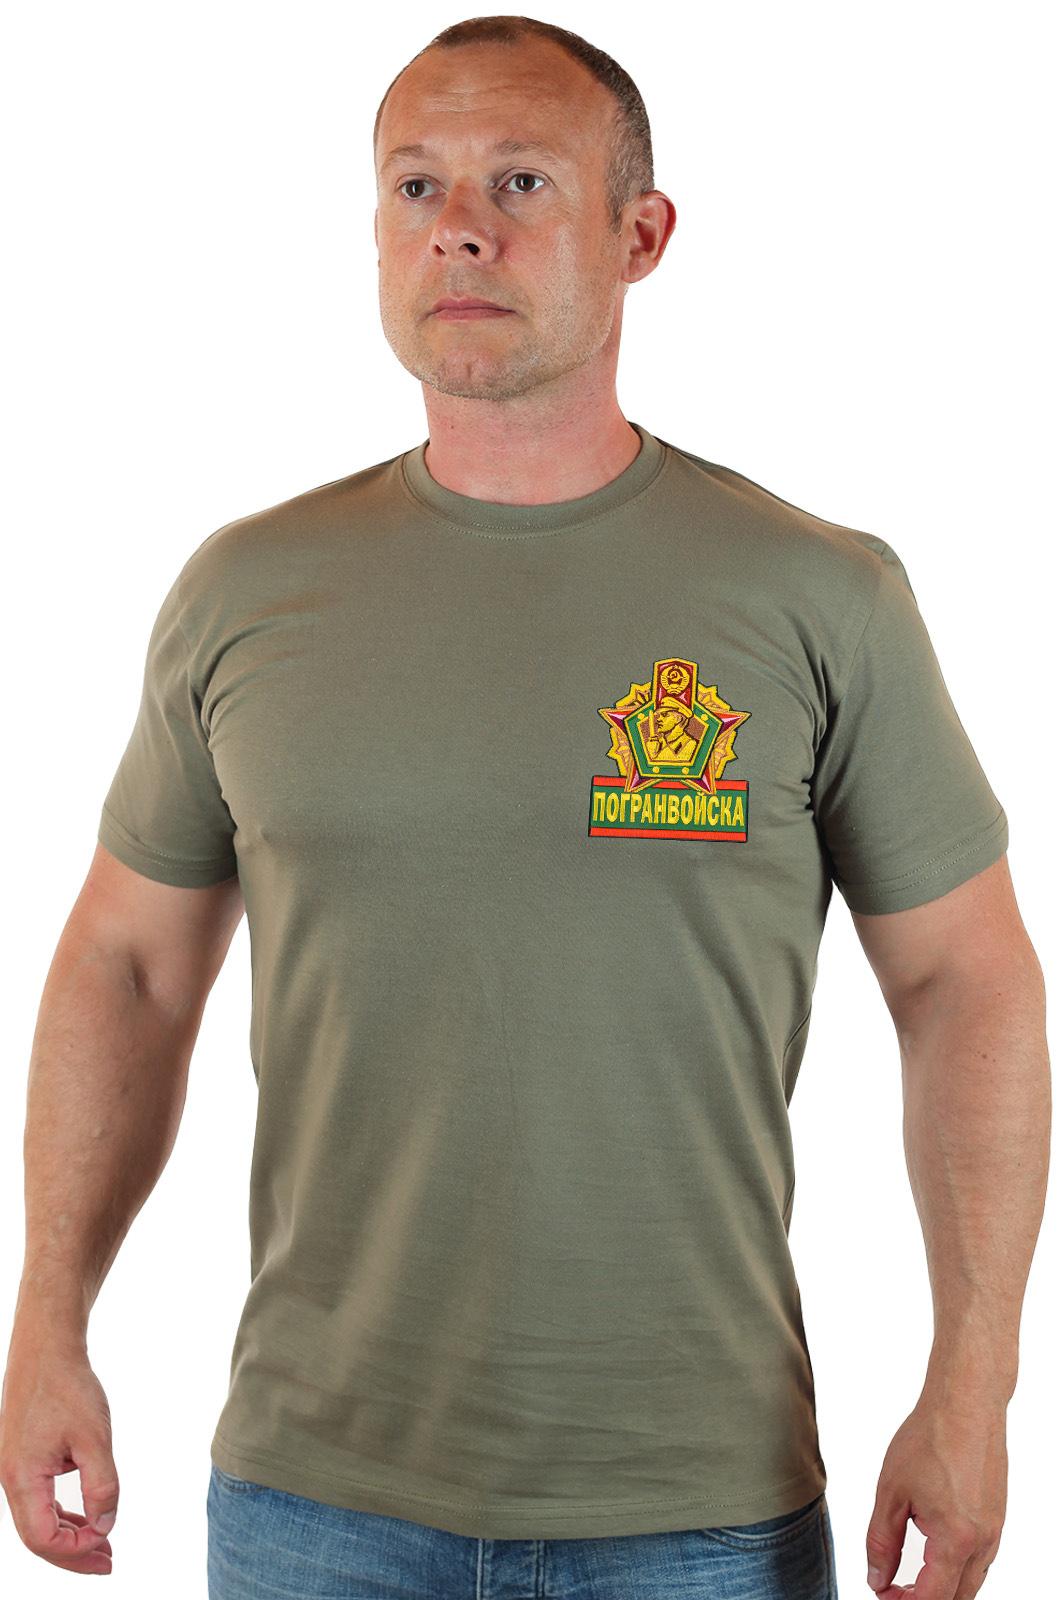 Купить футболки пограничников оптом и в розницу